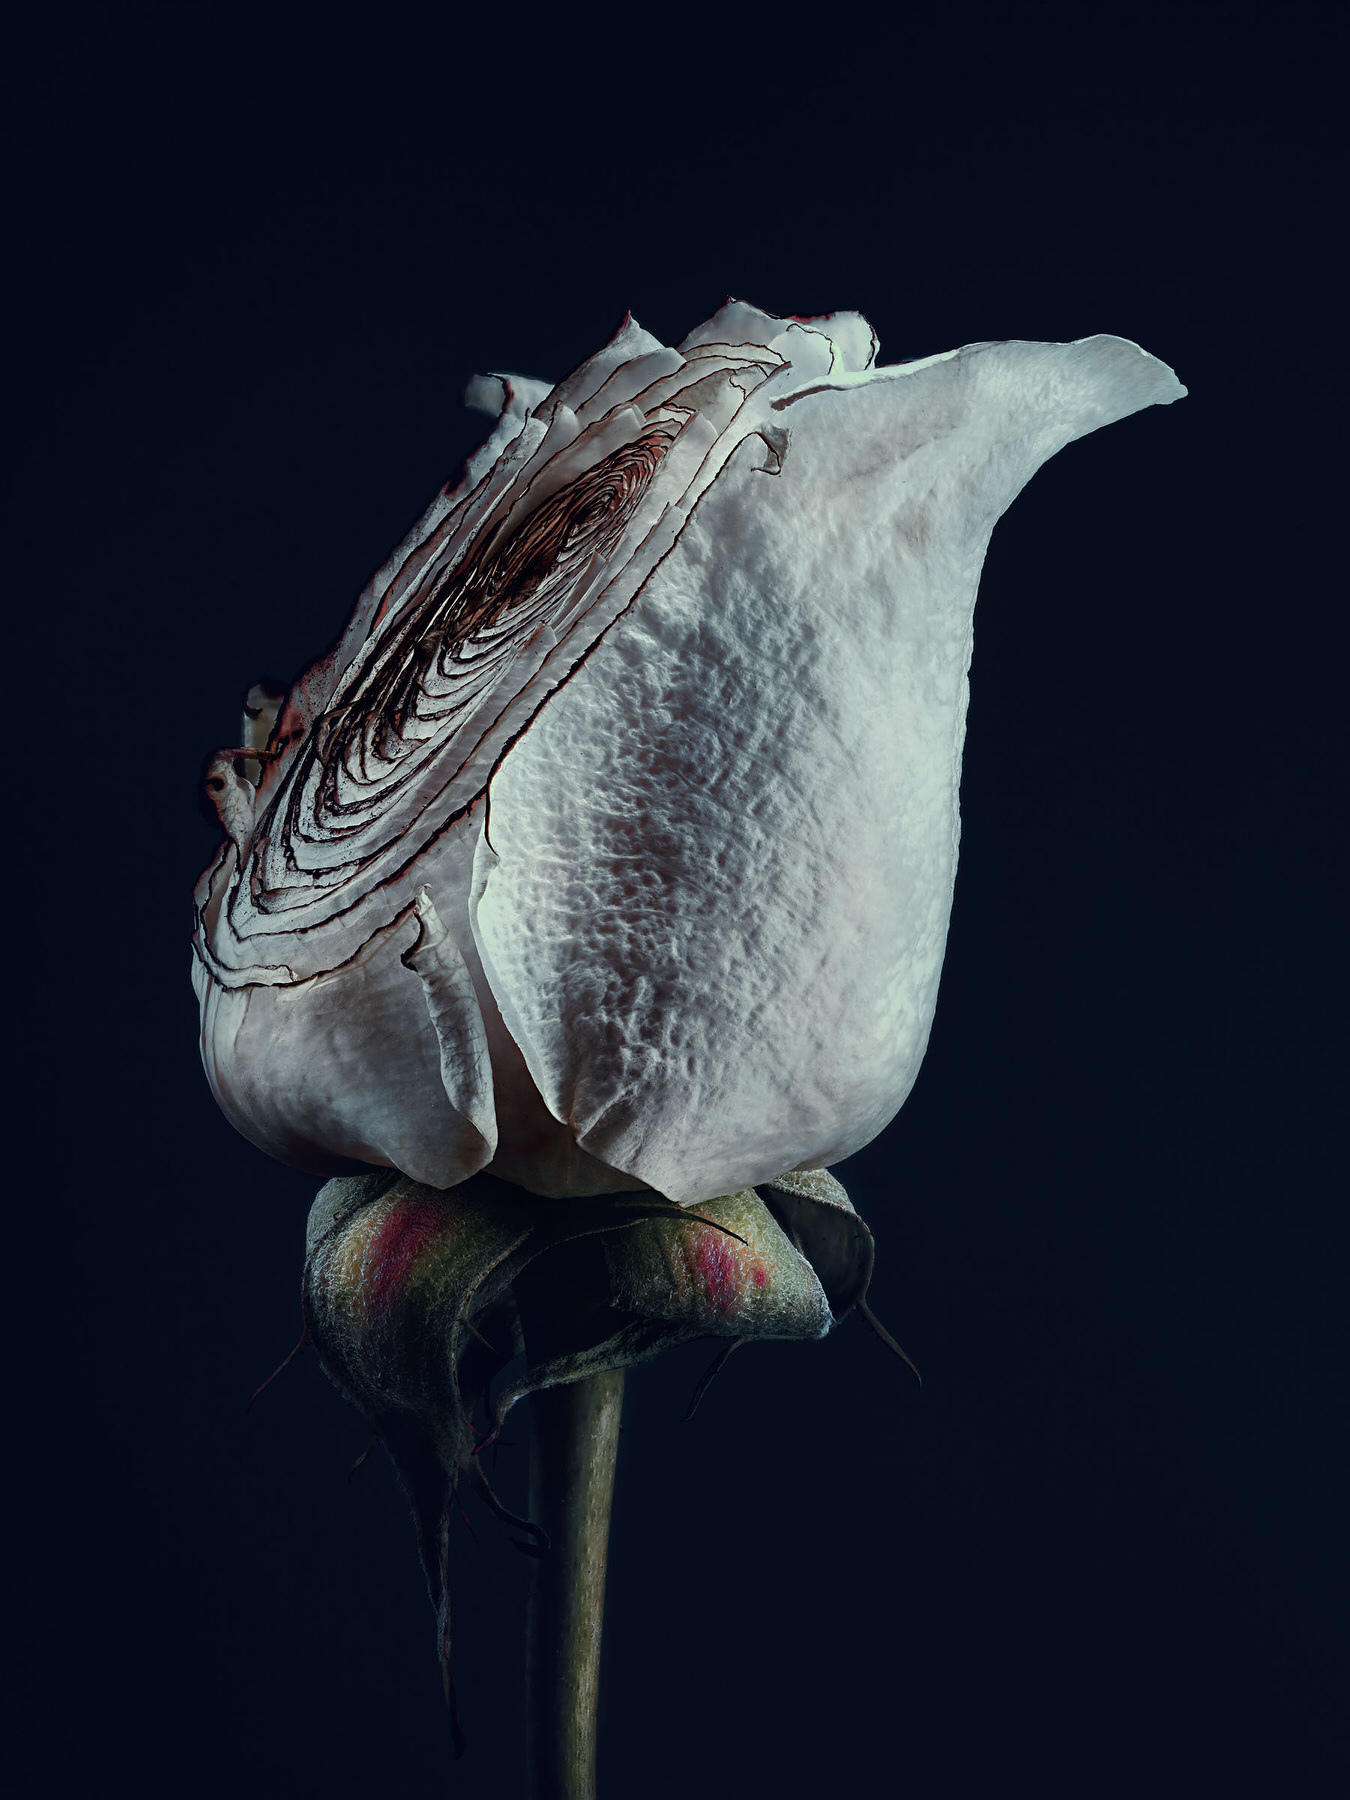 Simon_Puschmann_assaulted-flowers_rosa.jpg